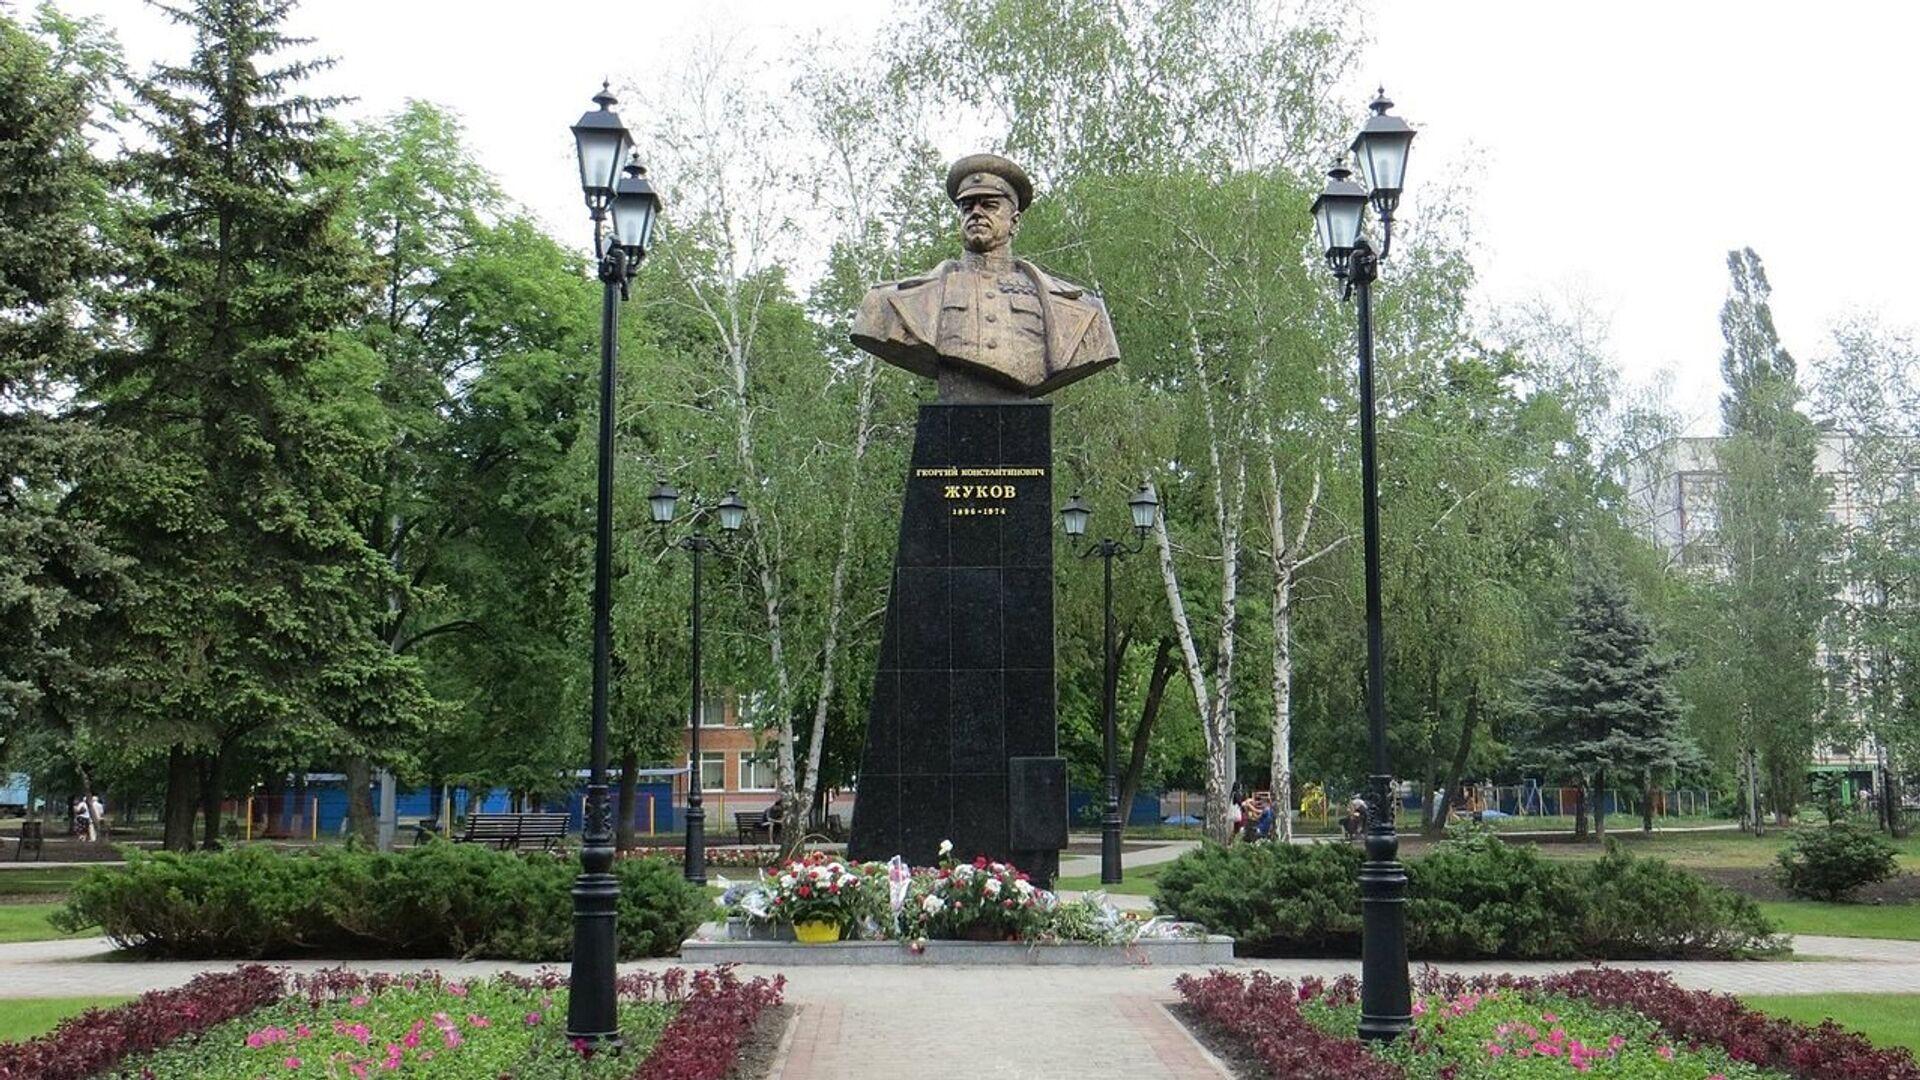 Памятник маршалу Жукову в Харькове, Украина - РИА Новости, 1920, 04.02.2020